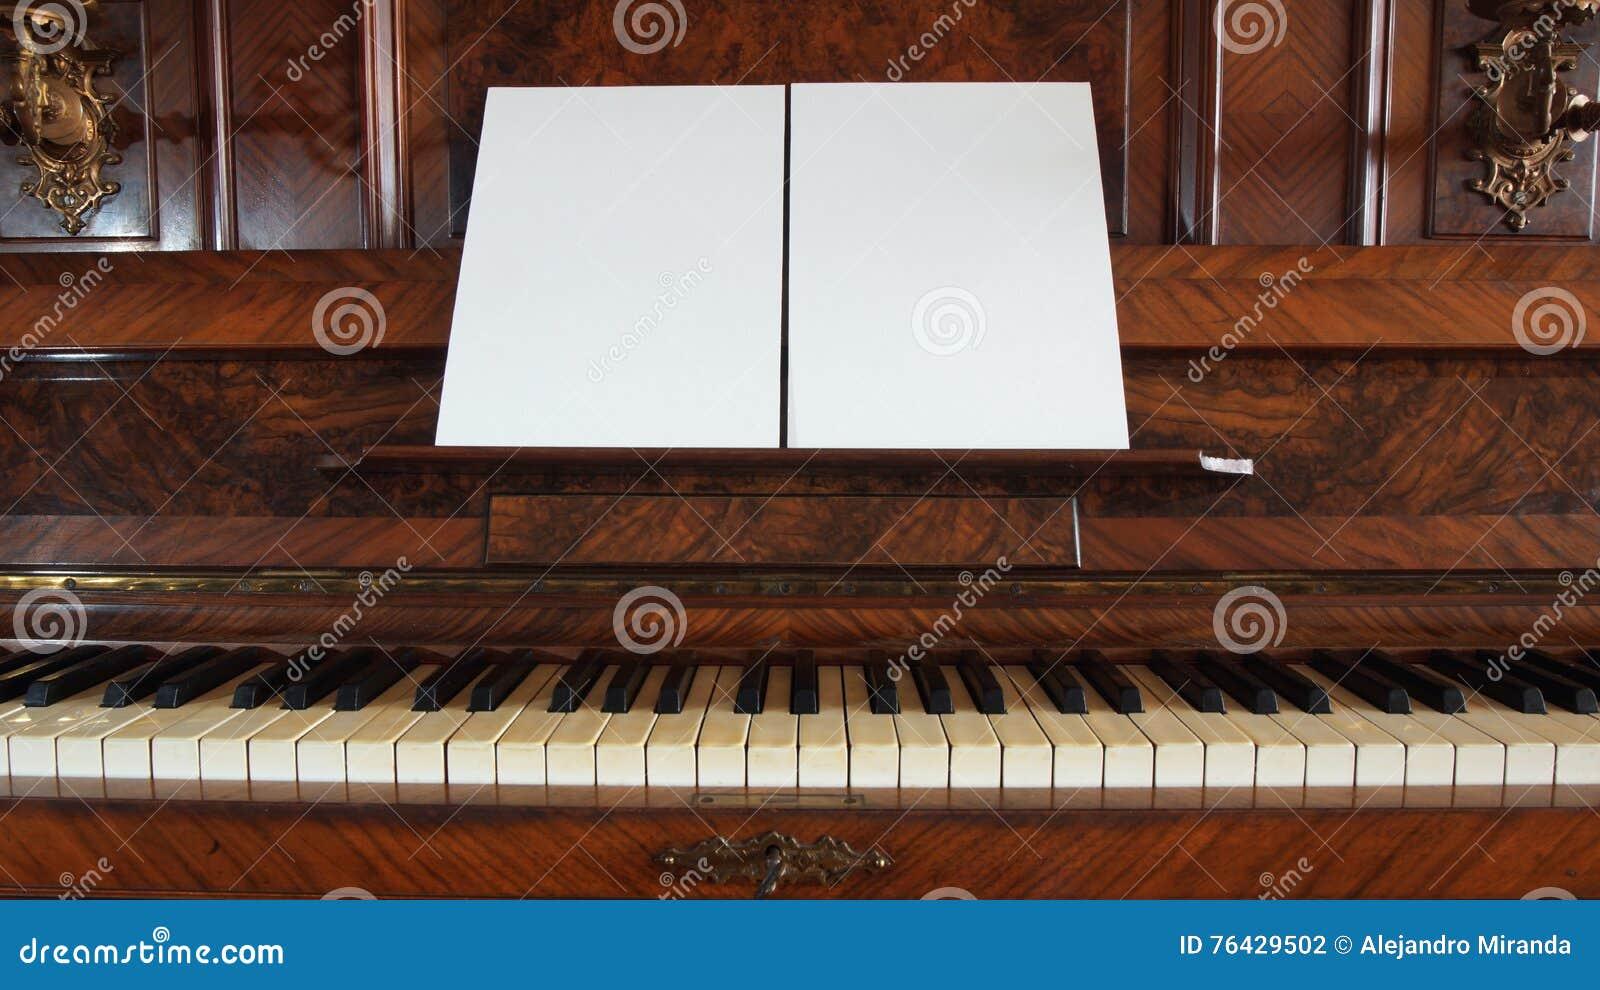 Vooraanzicht van een antieke piano met het open toetsenbord en twee bladen van leeg document op steun voor muzieknoten